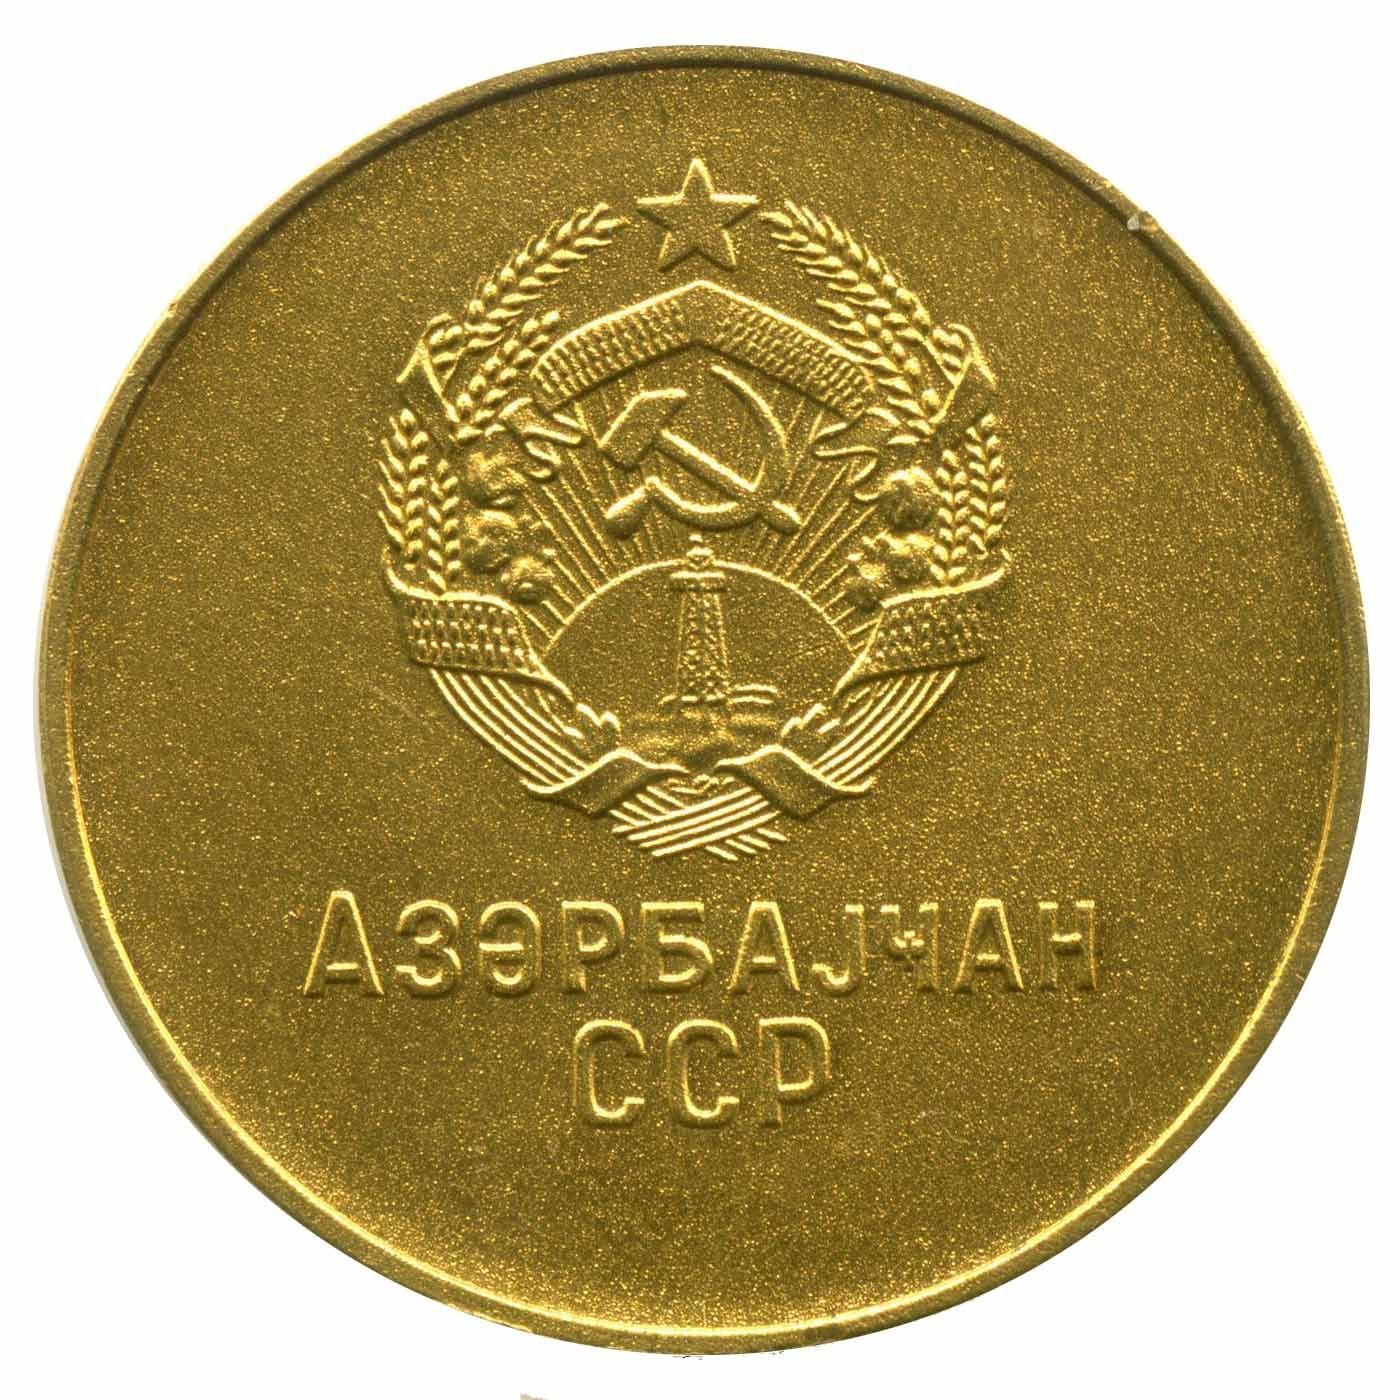 Школьная золотая медаль Азербайджанская ССР 1985 год. AU